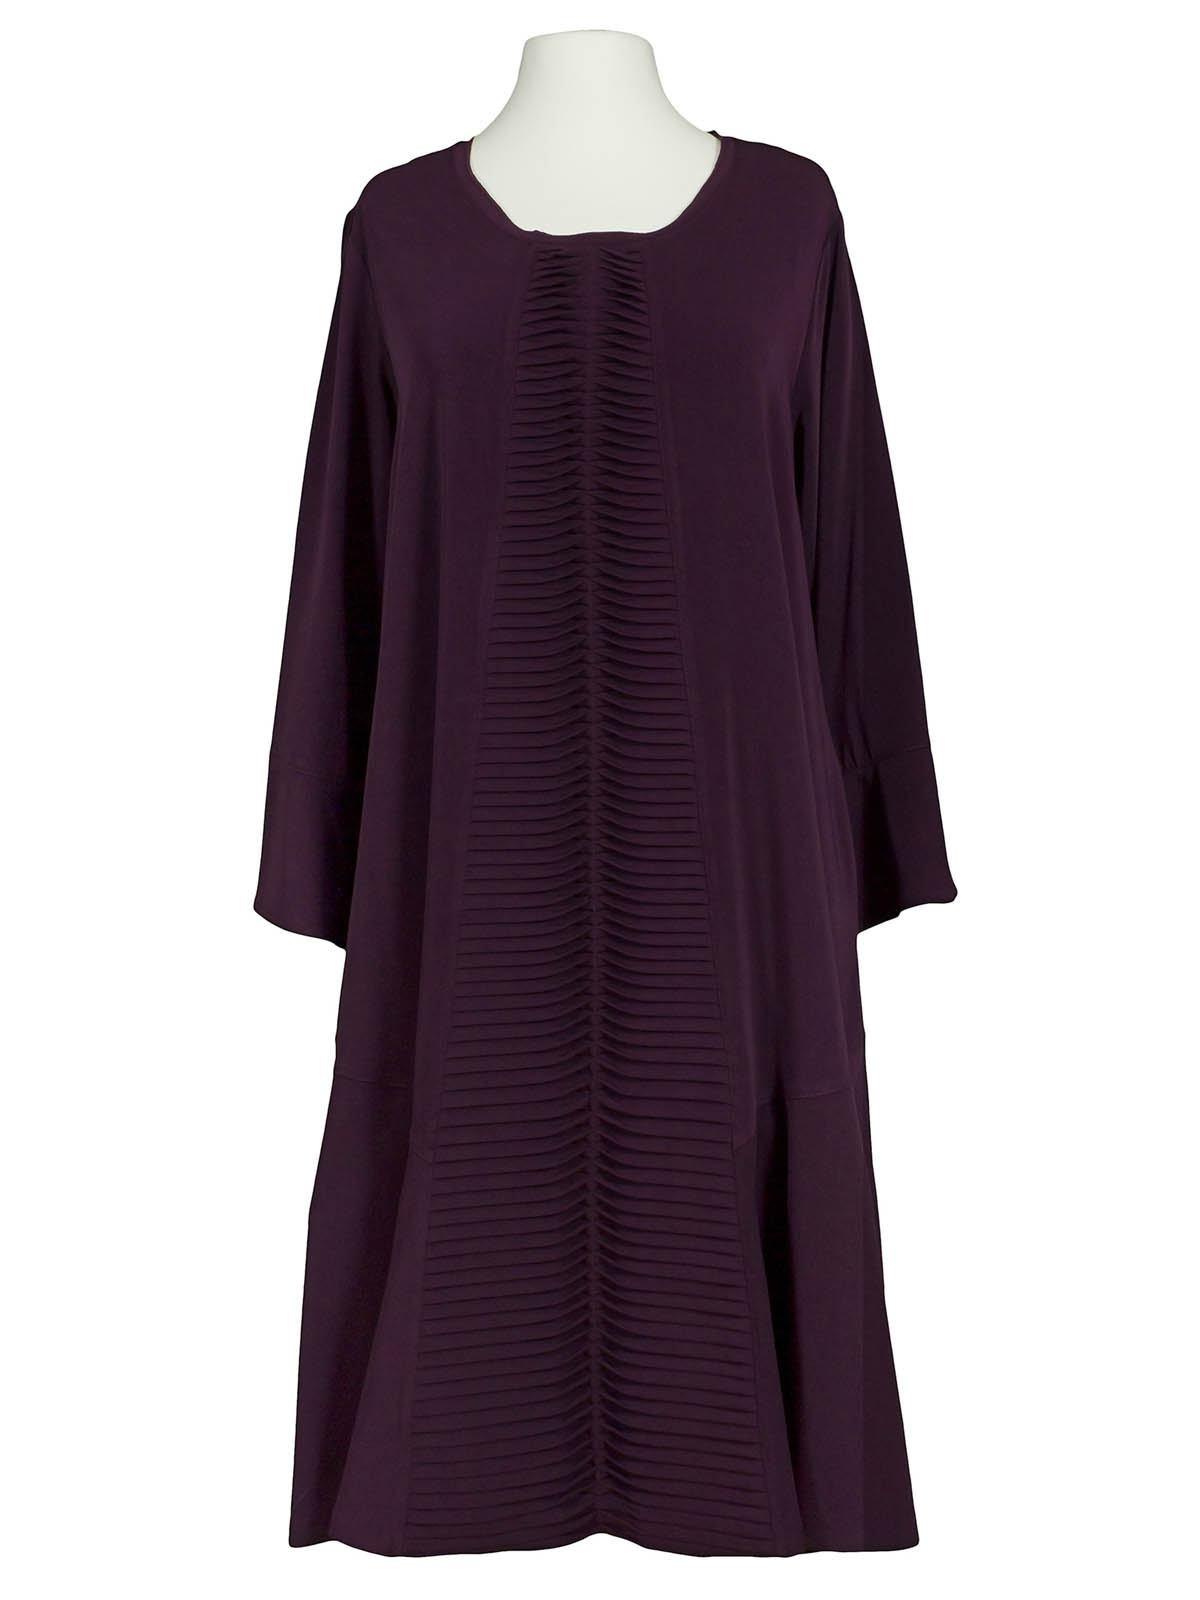 Schön Kleid A Form VertriebDesigner Luxus Kleid A Form Design